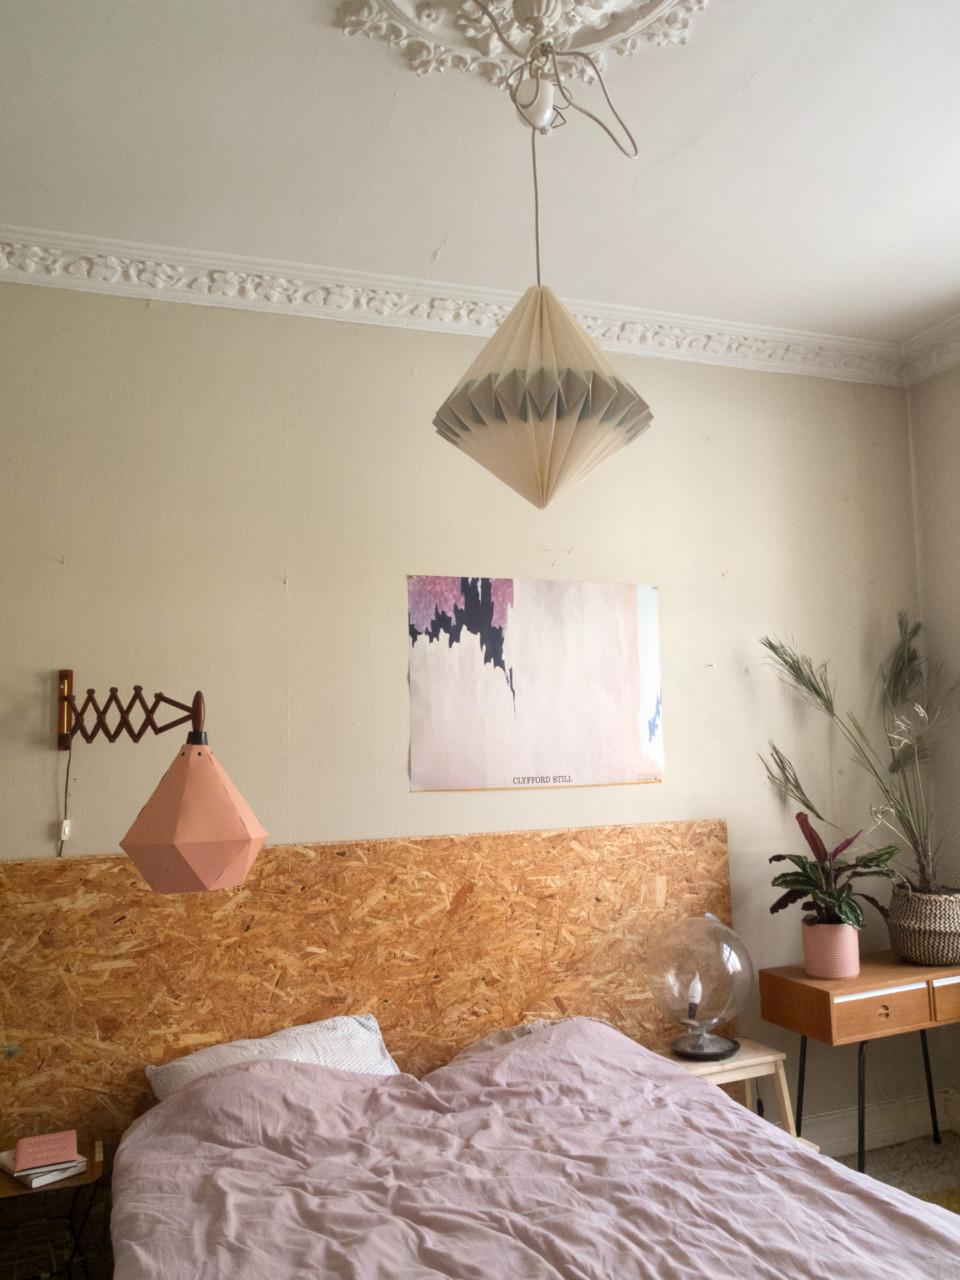 soverom-maria-huseby-green-house-gjesteinnlegg